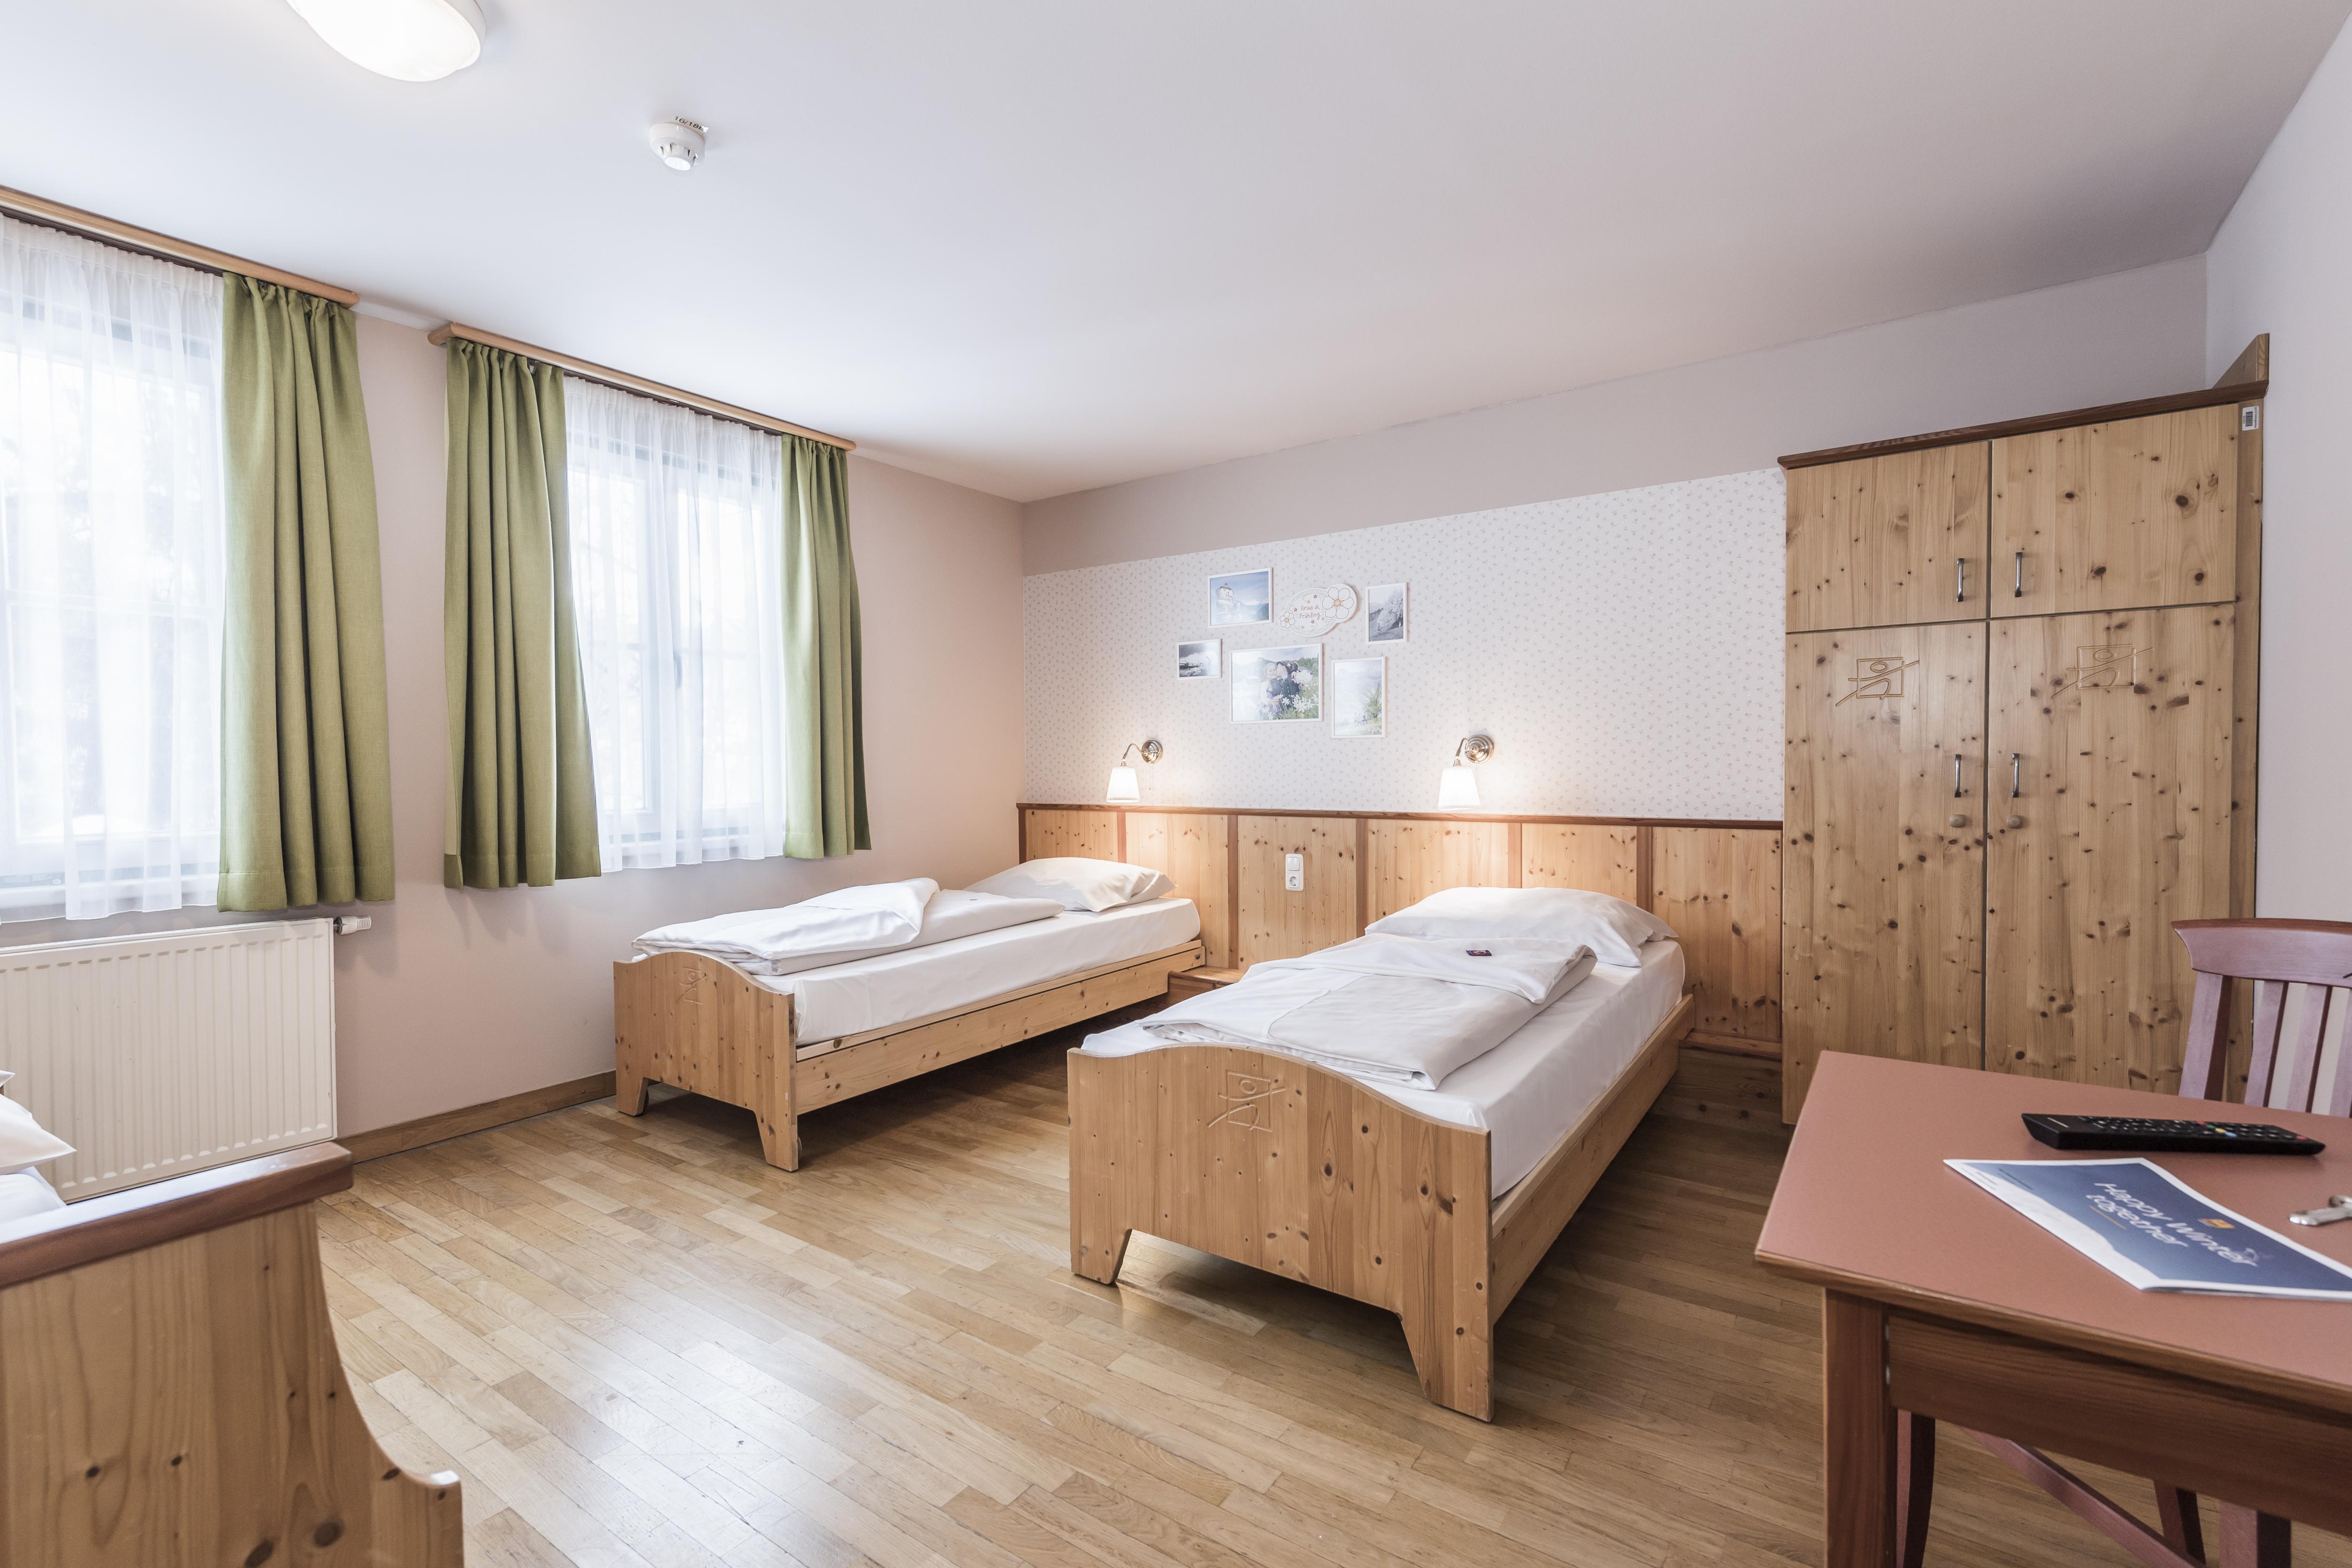 Sie sehen Betten in einem Appartement xxlarge im JUFA Hotel Grundlsee*** mit einem Kleiderschrank. JUFA Hotels bietet erholsamen Familienurlaub und einen unvergesslichen Winter- und Wanderurlaub.